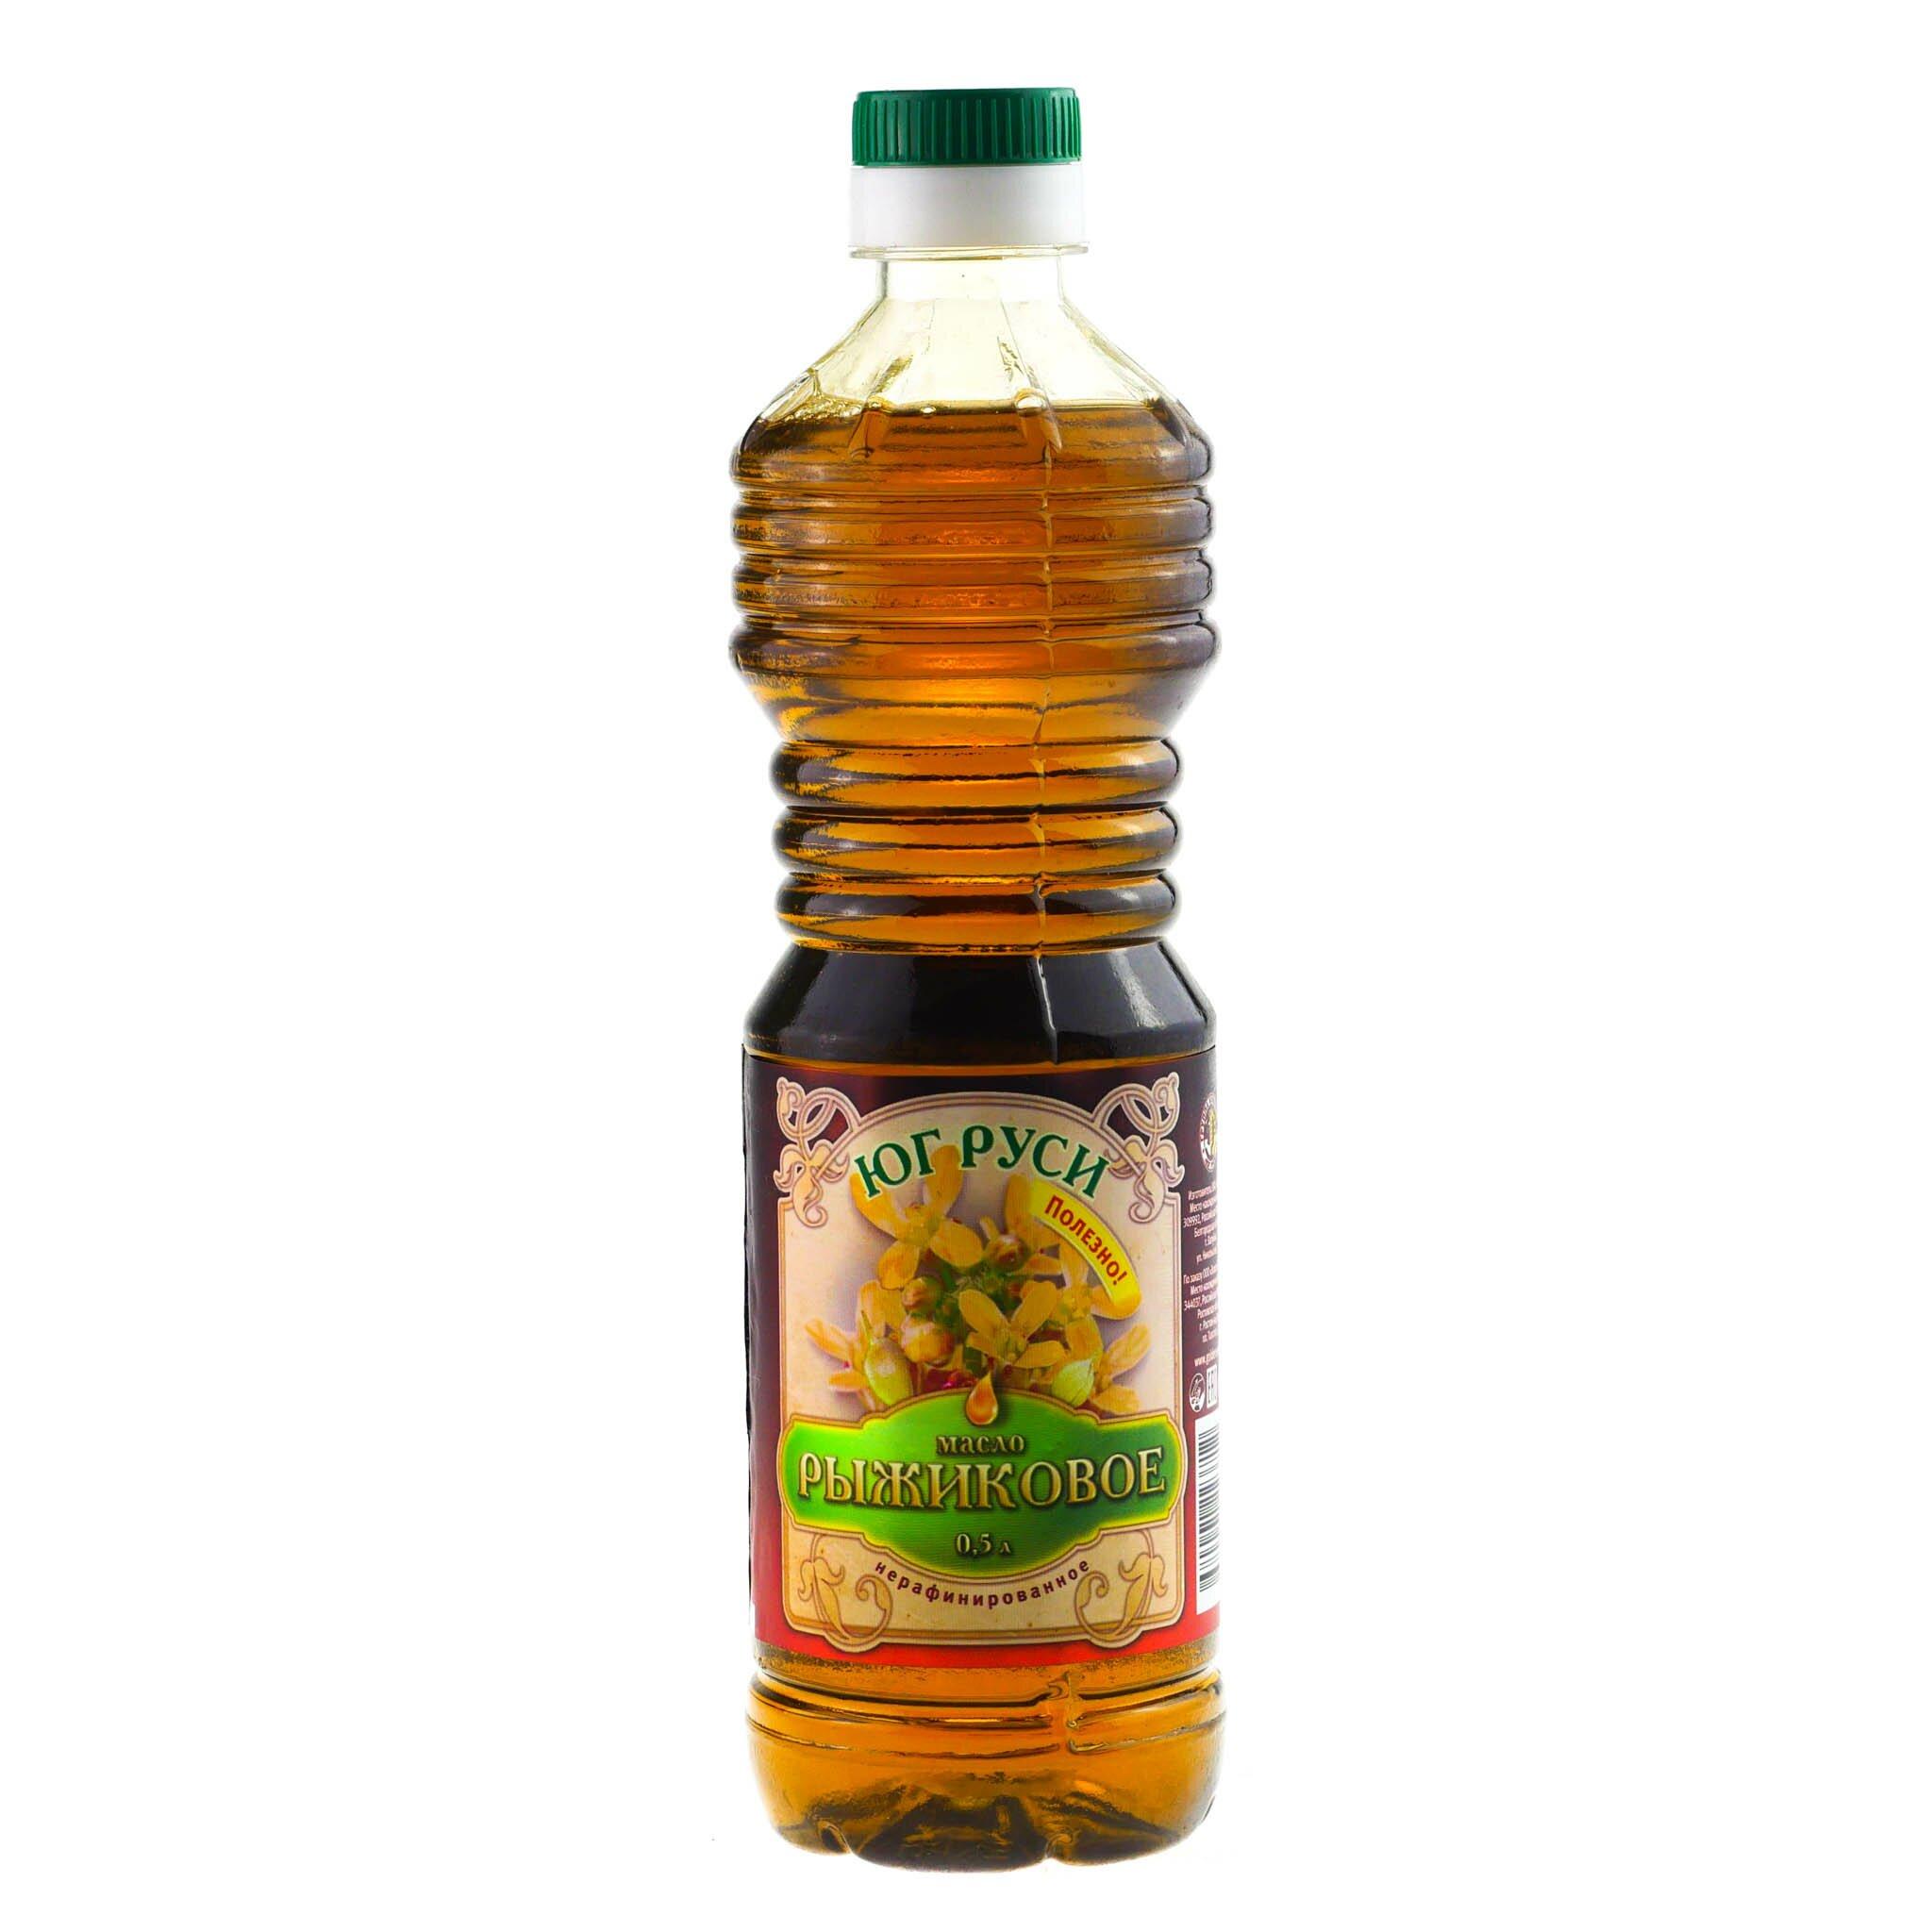 Рыжиковое масло — польза и вред для организма